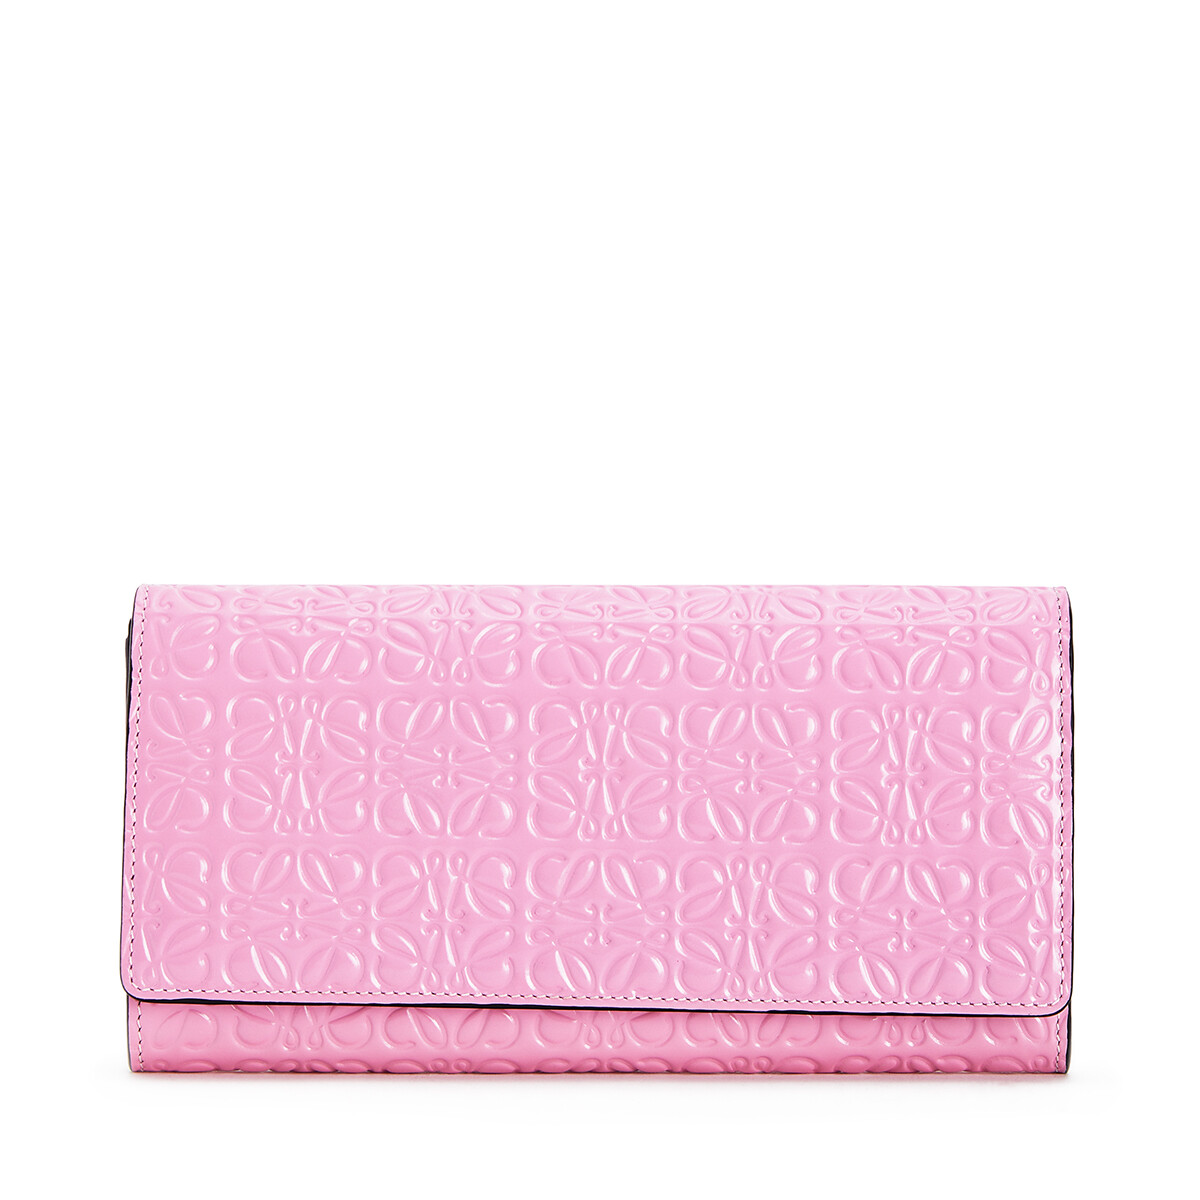 30代の女性に定番ロエベの財布